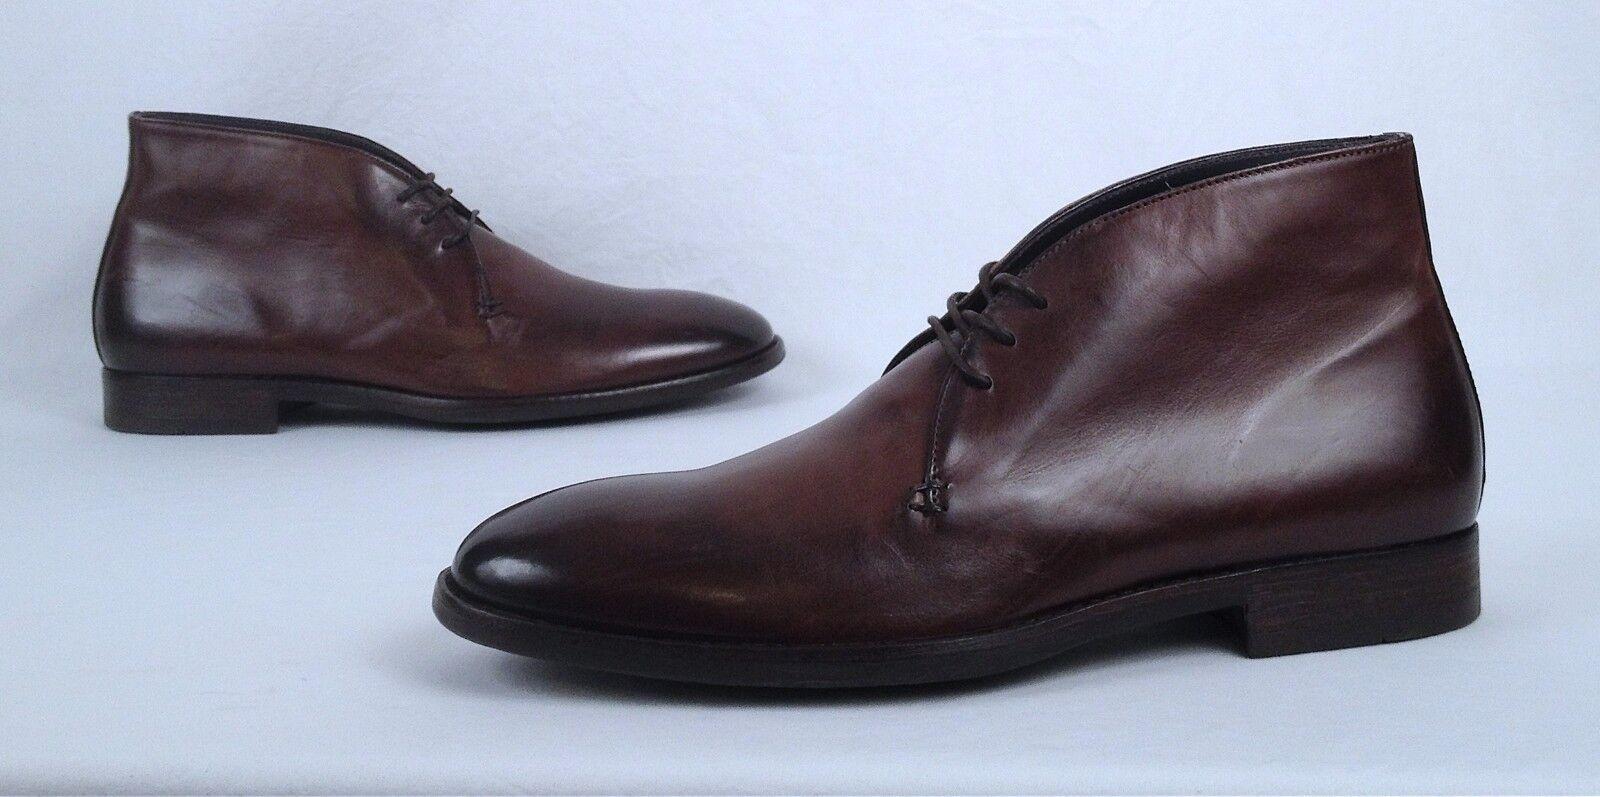 Nuevo    para arrancar Nueva York botín-marrón-Talla 10 M -  425 (C4)